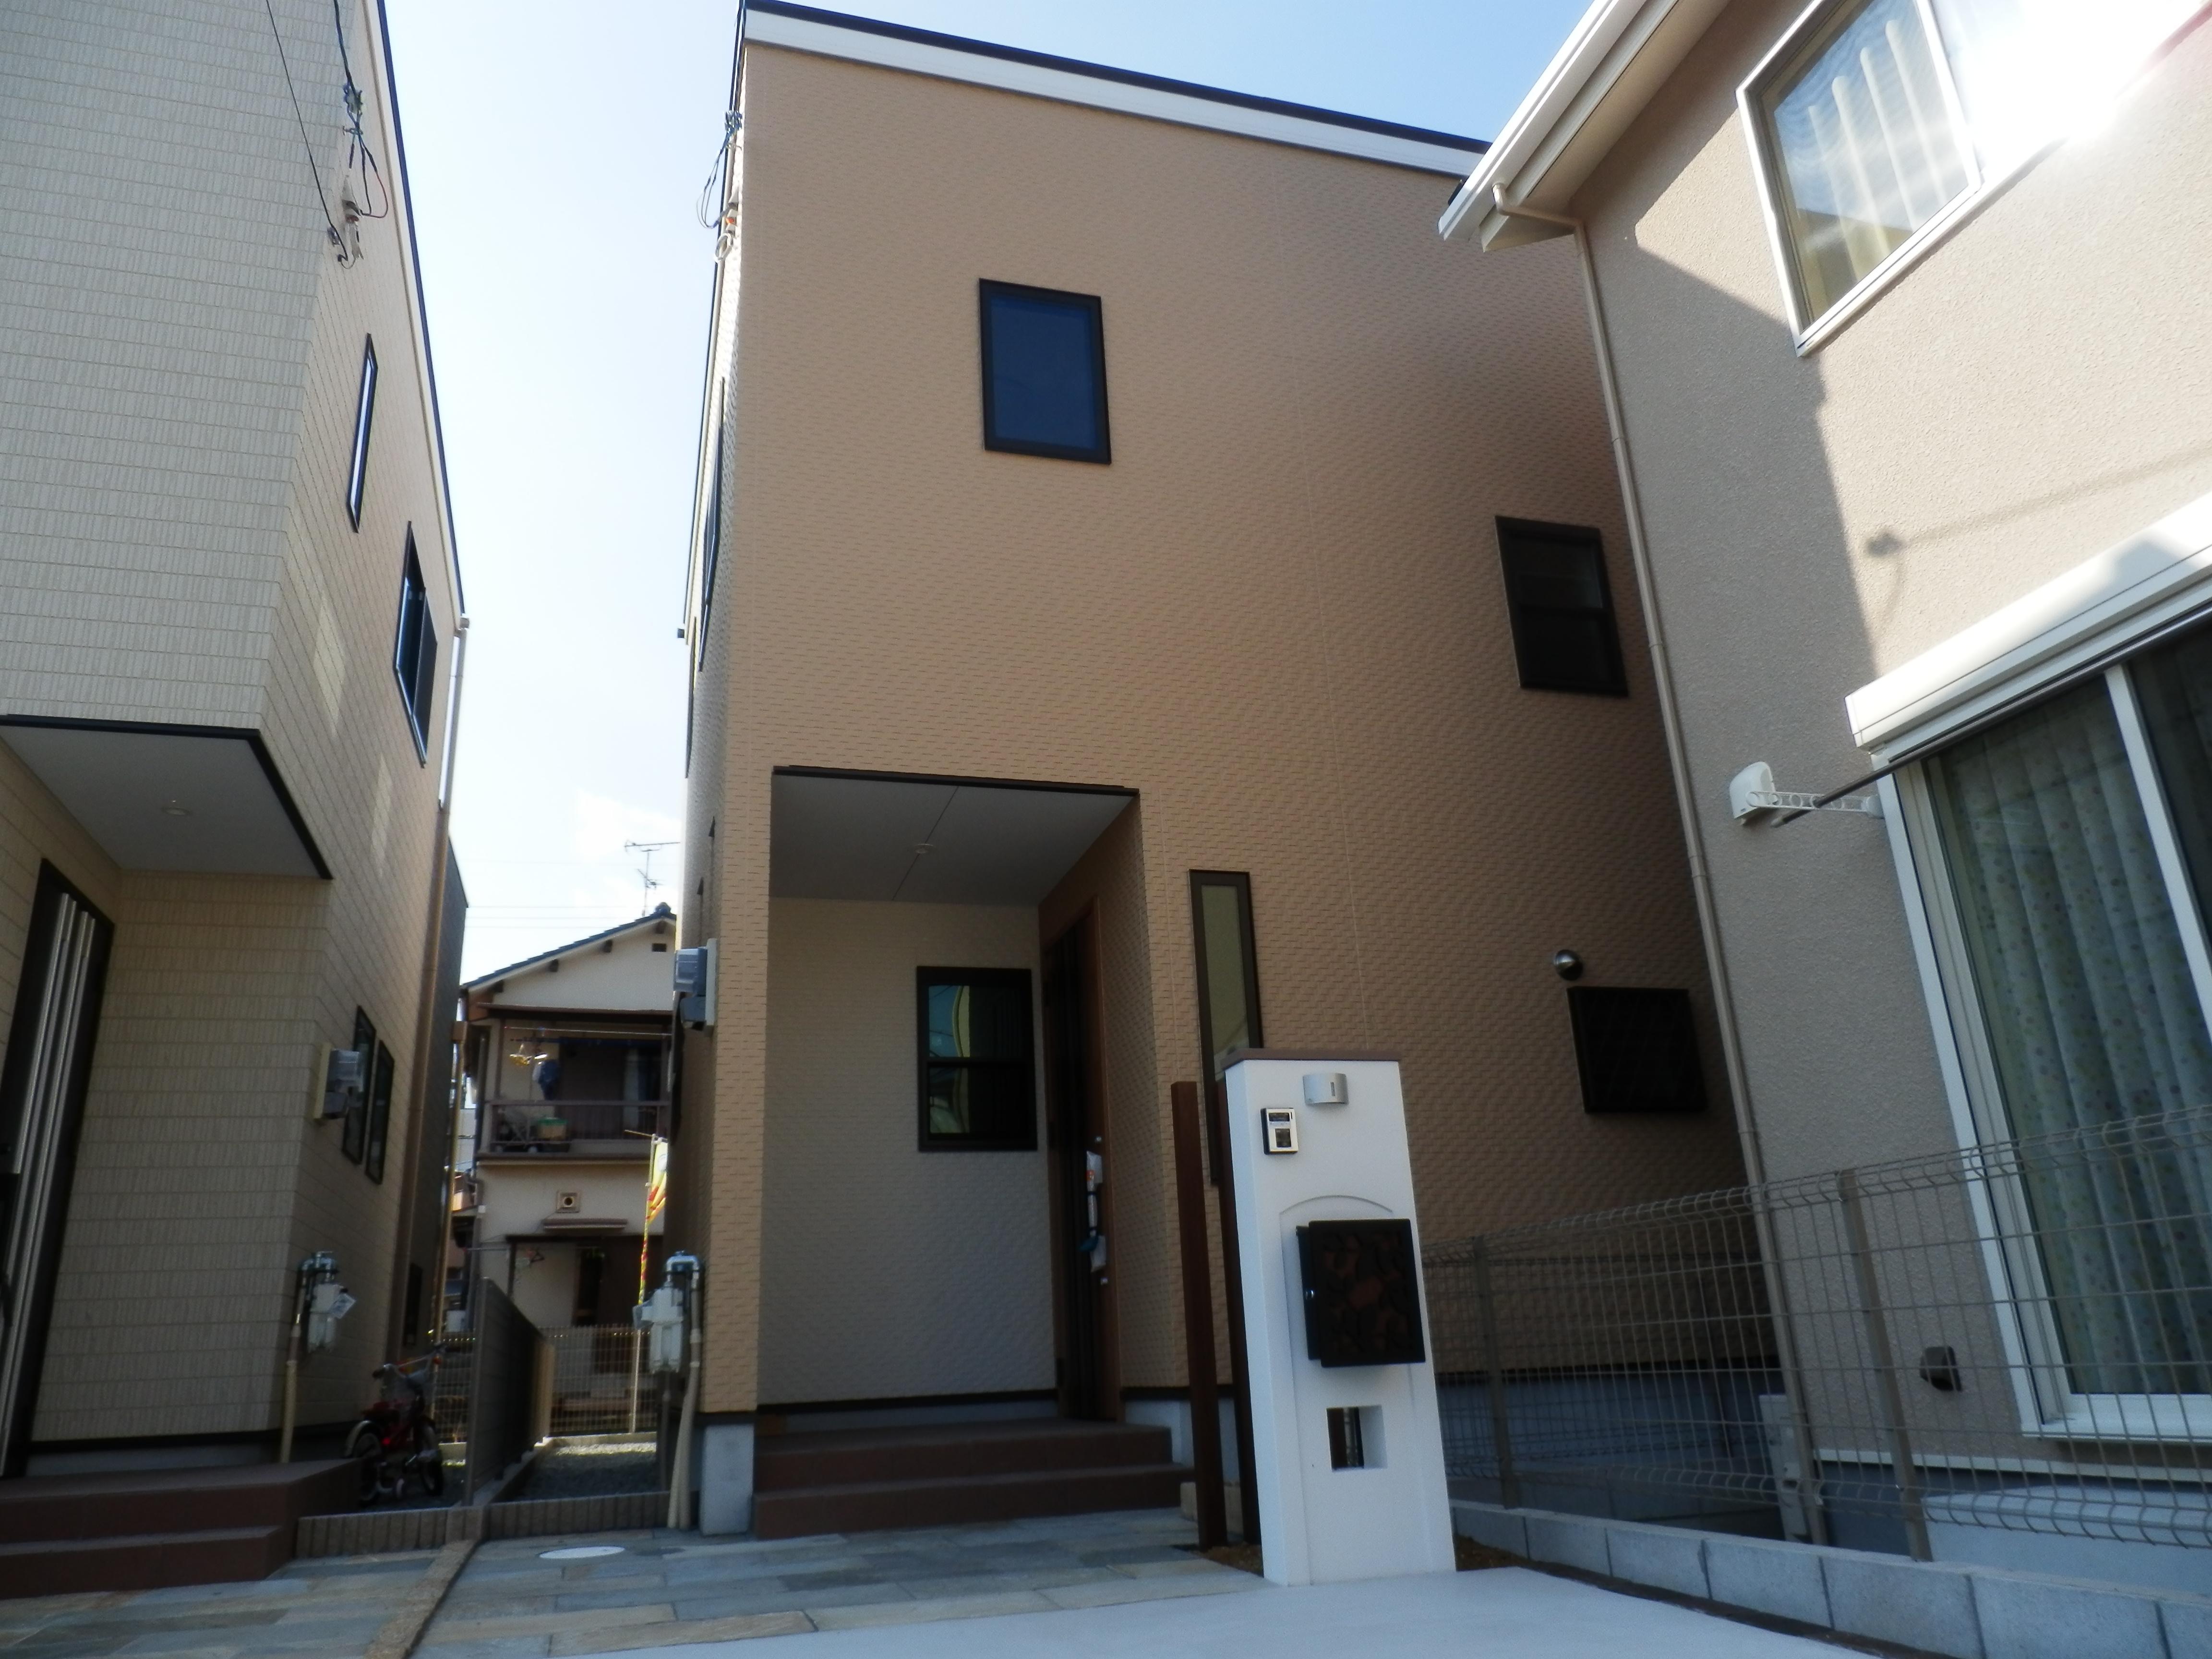 羽曳野市|藤井寺店(新築事業部)|マキヌシの不動産ブログ ...